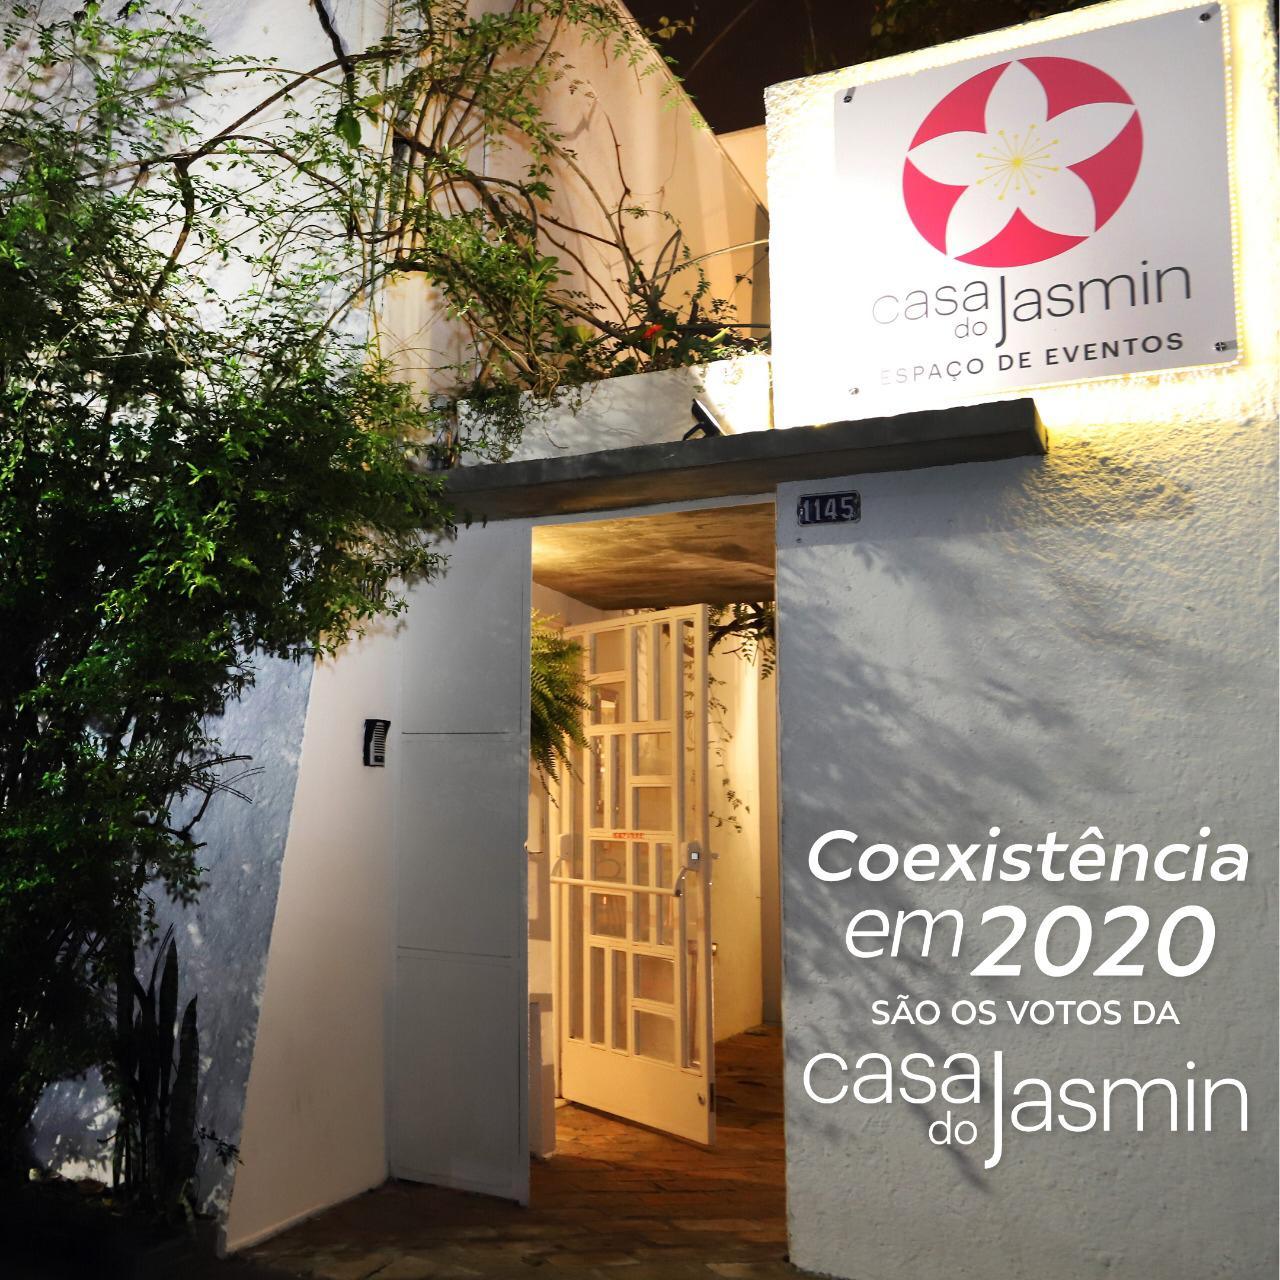 Coexistência entre pessoas que vivem e pensam de formas diversas: esse é o desejo da Casa do Jasmin em 2020!